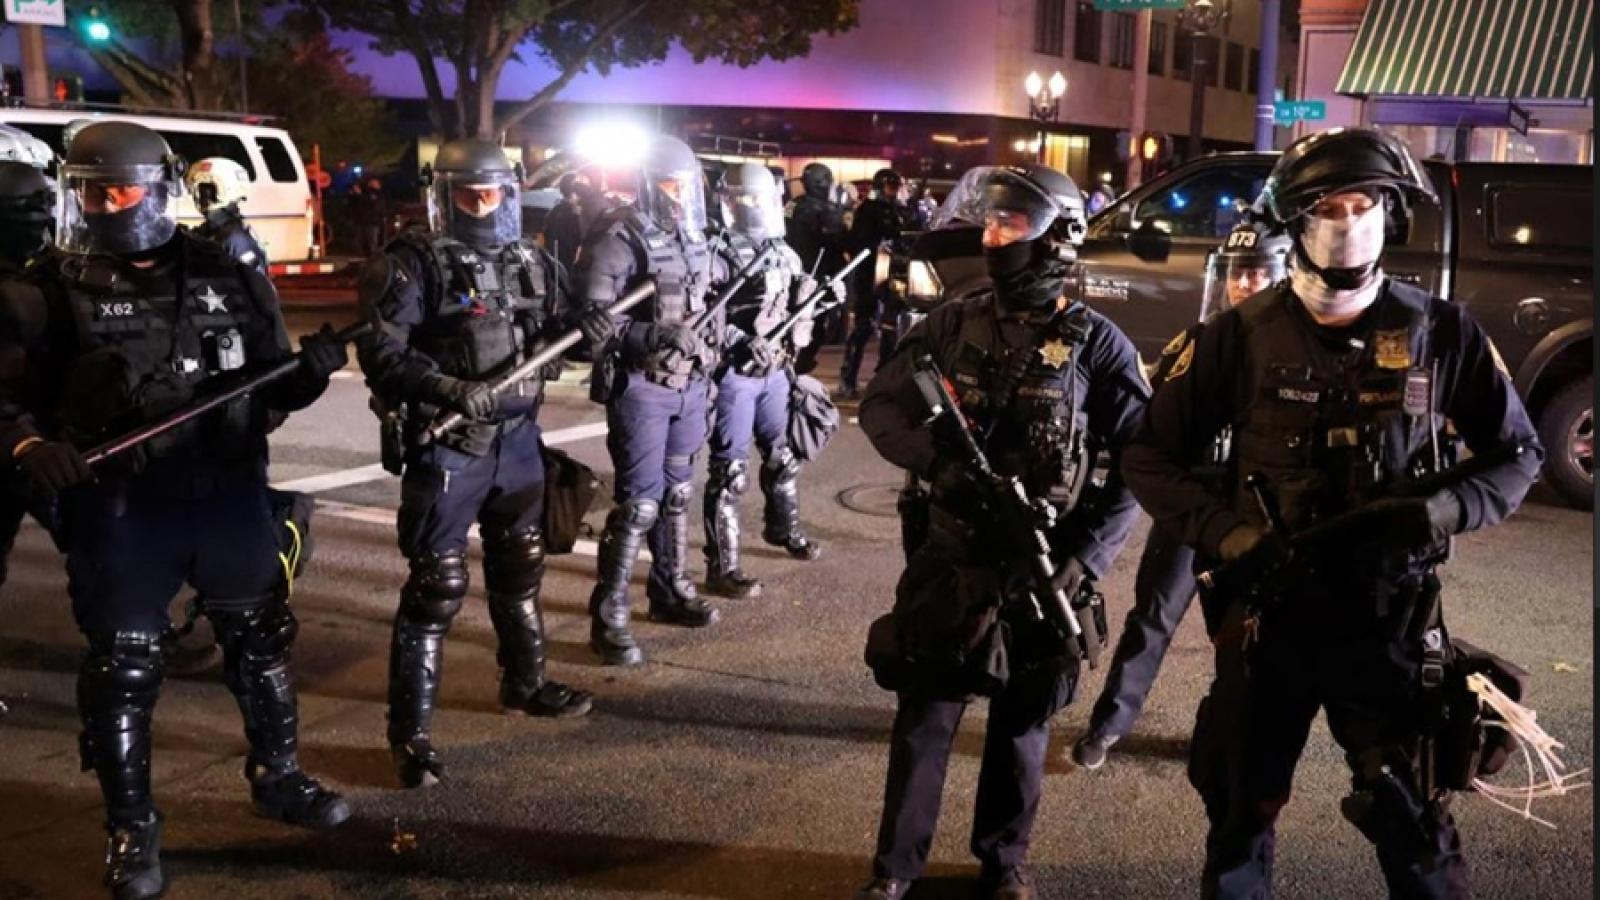 Biểu tình và bạo động sau bầu cử Mỹ, cảnh sát bắt hàng chục người ở New York và Portland